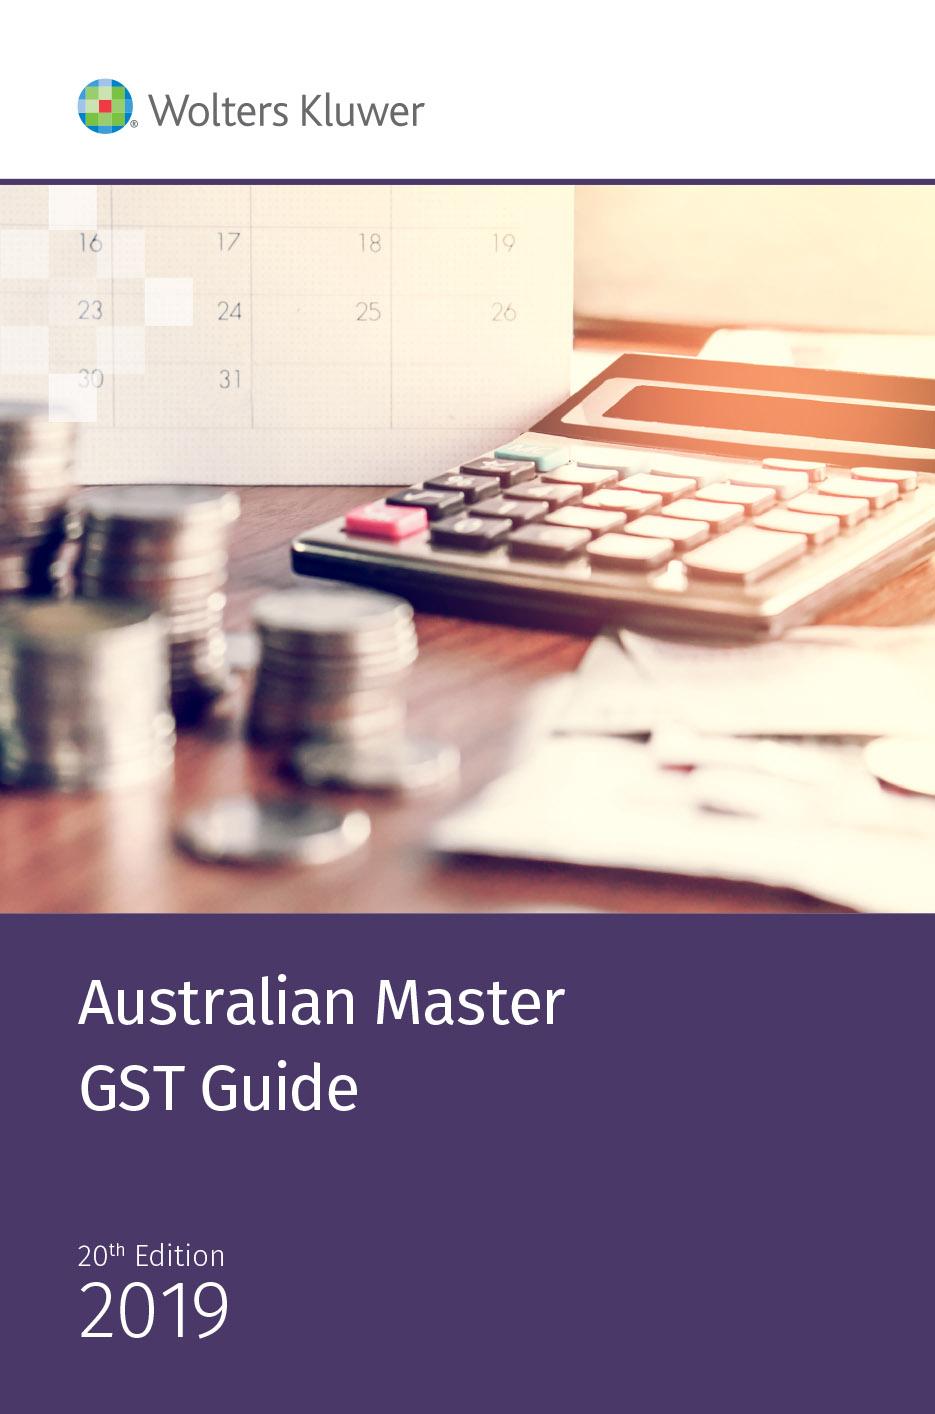 Australian Master GST Guide 2019